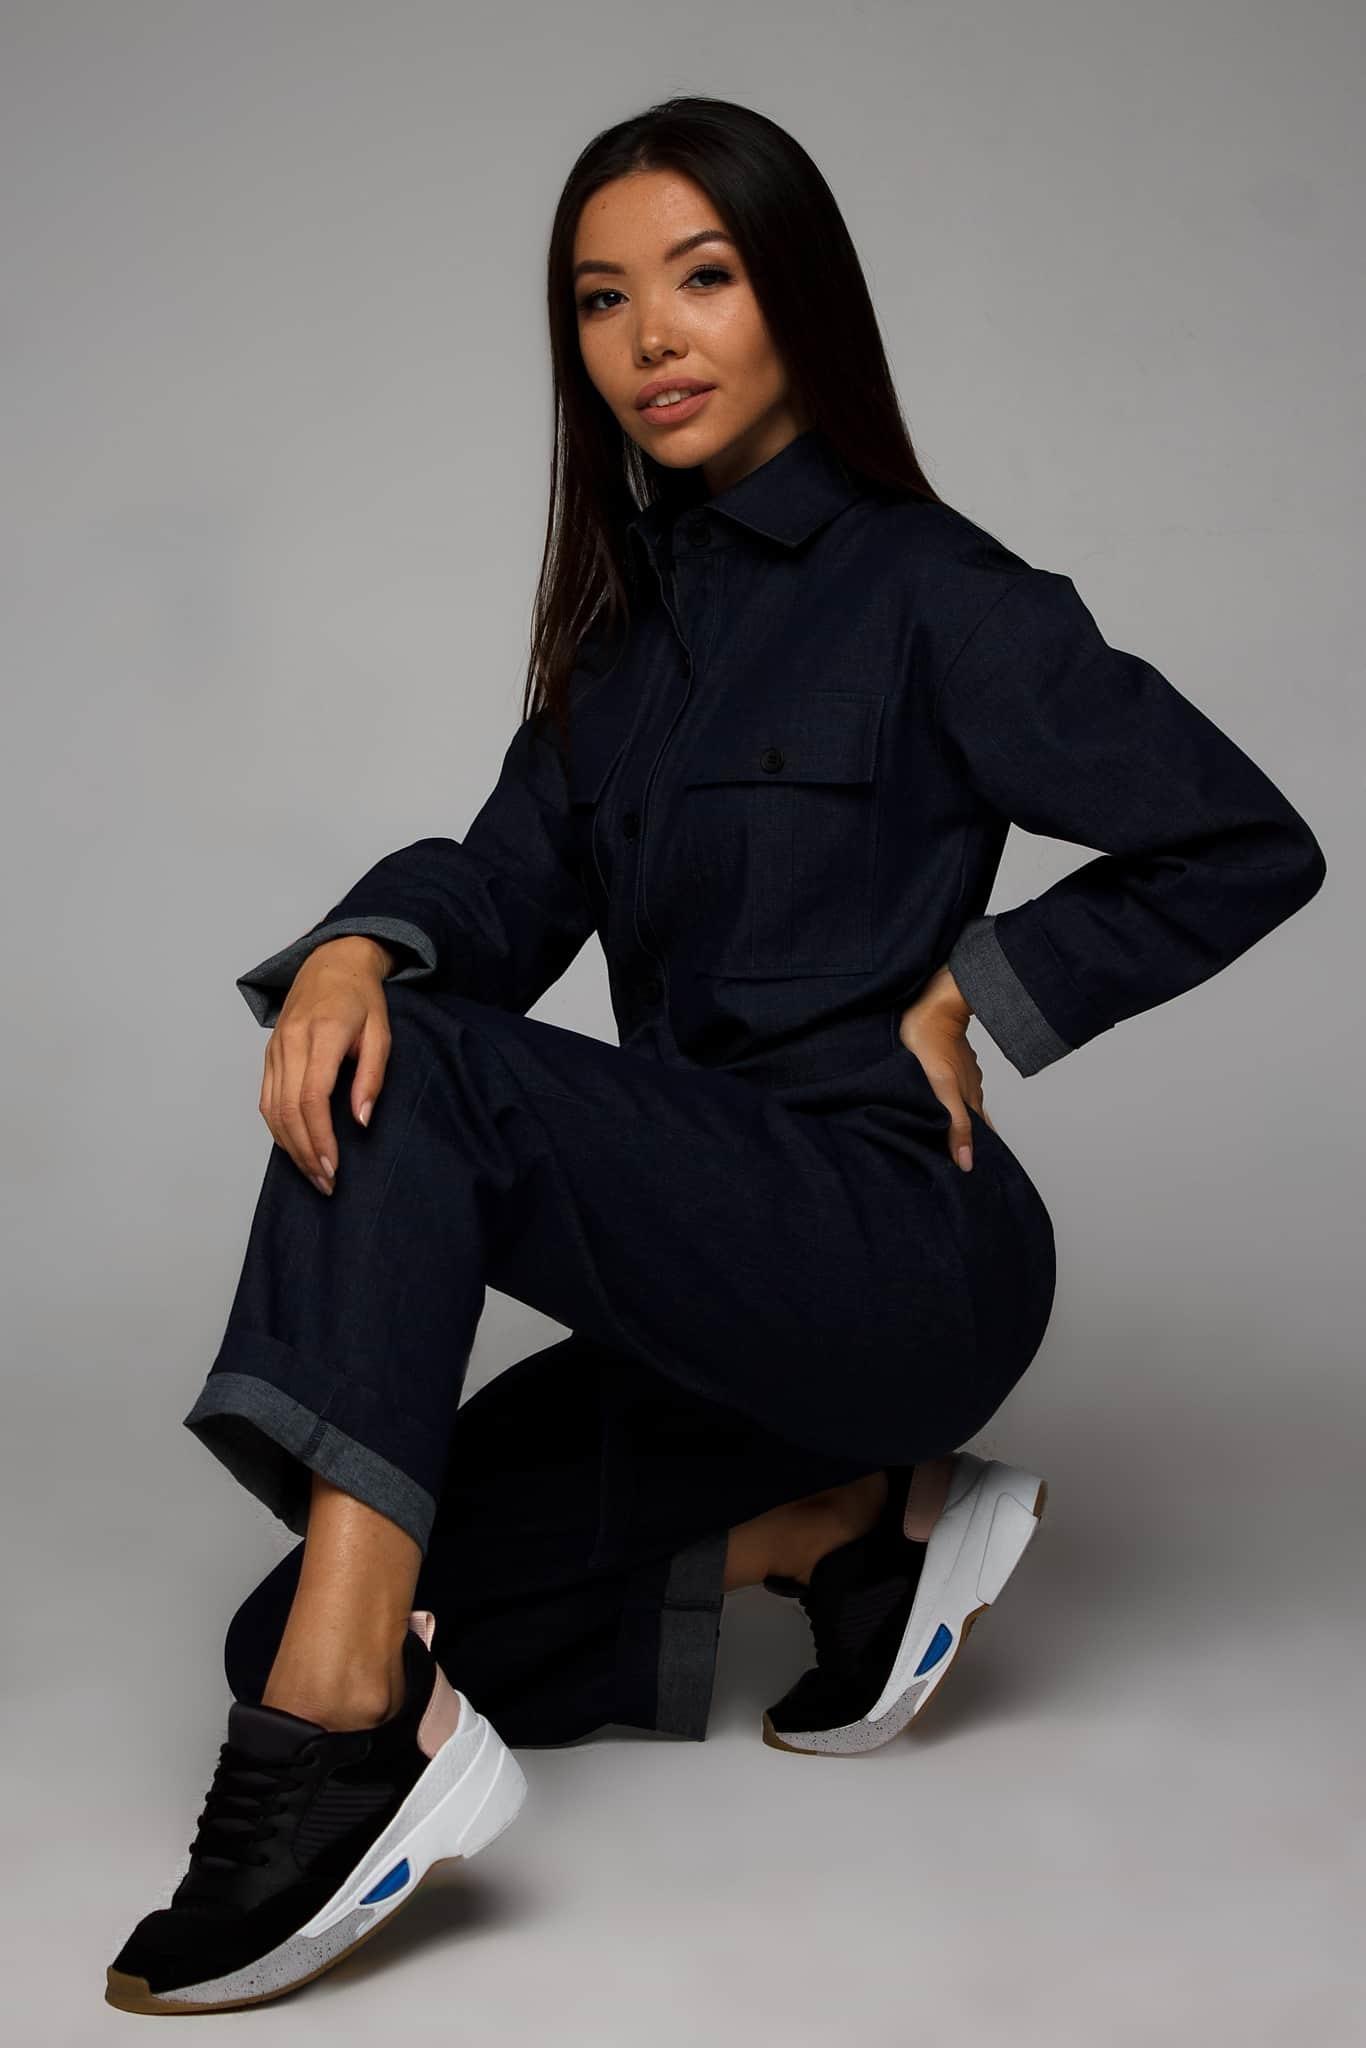 комбинезон джинсовый женский от украинского бренда Your Own Style